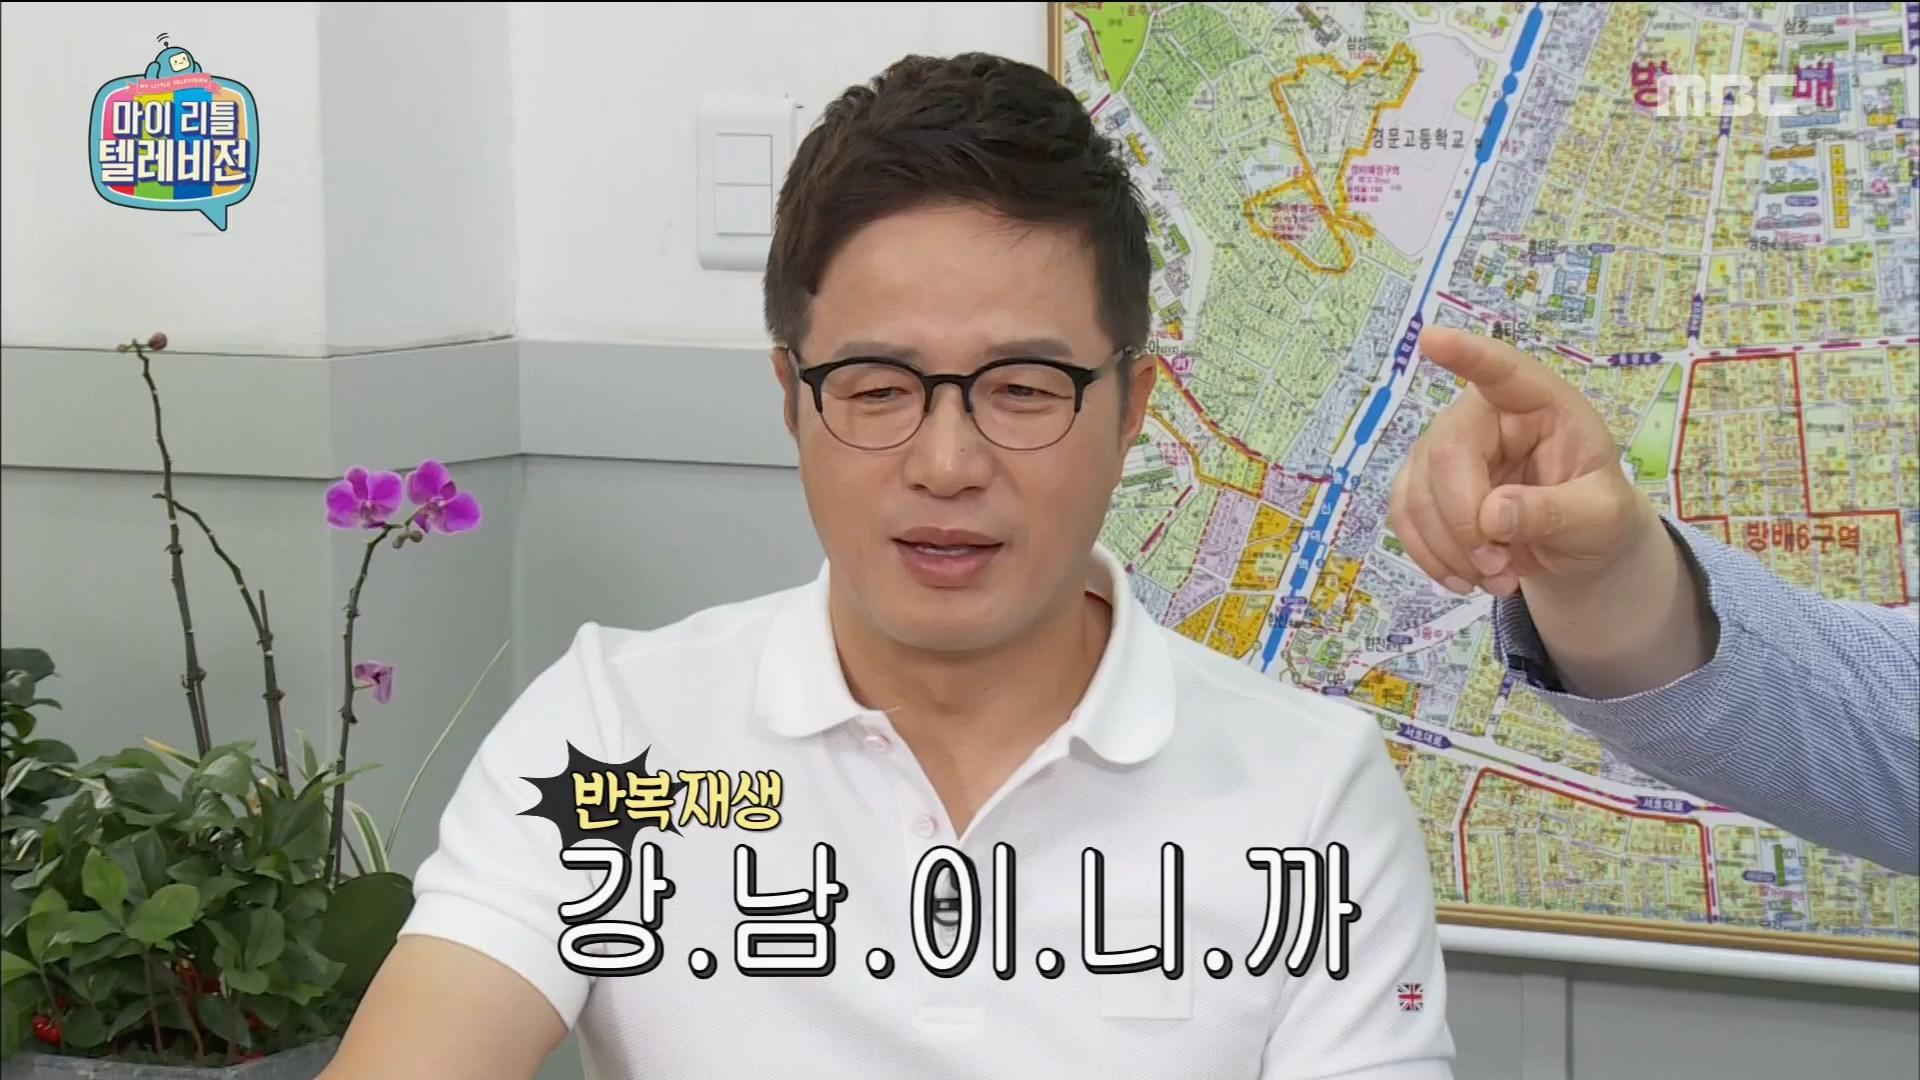 강남 땅값의 비밀...?! 진리의 강남